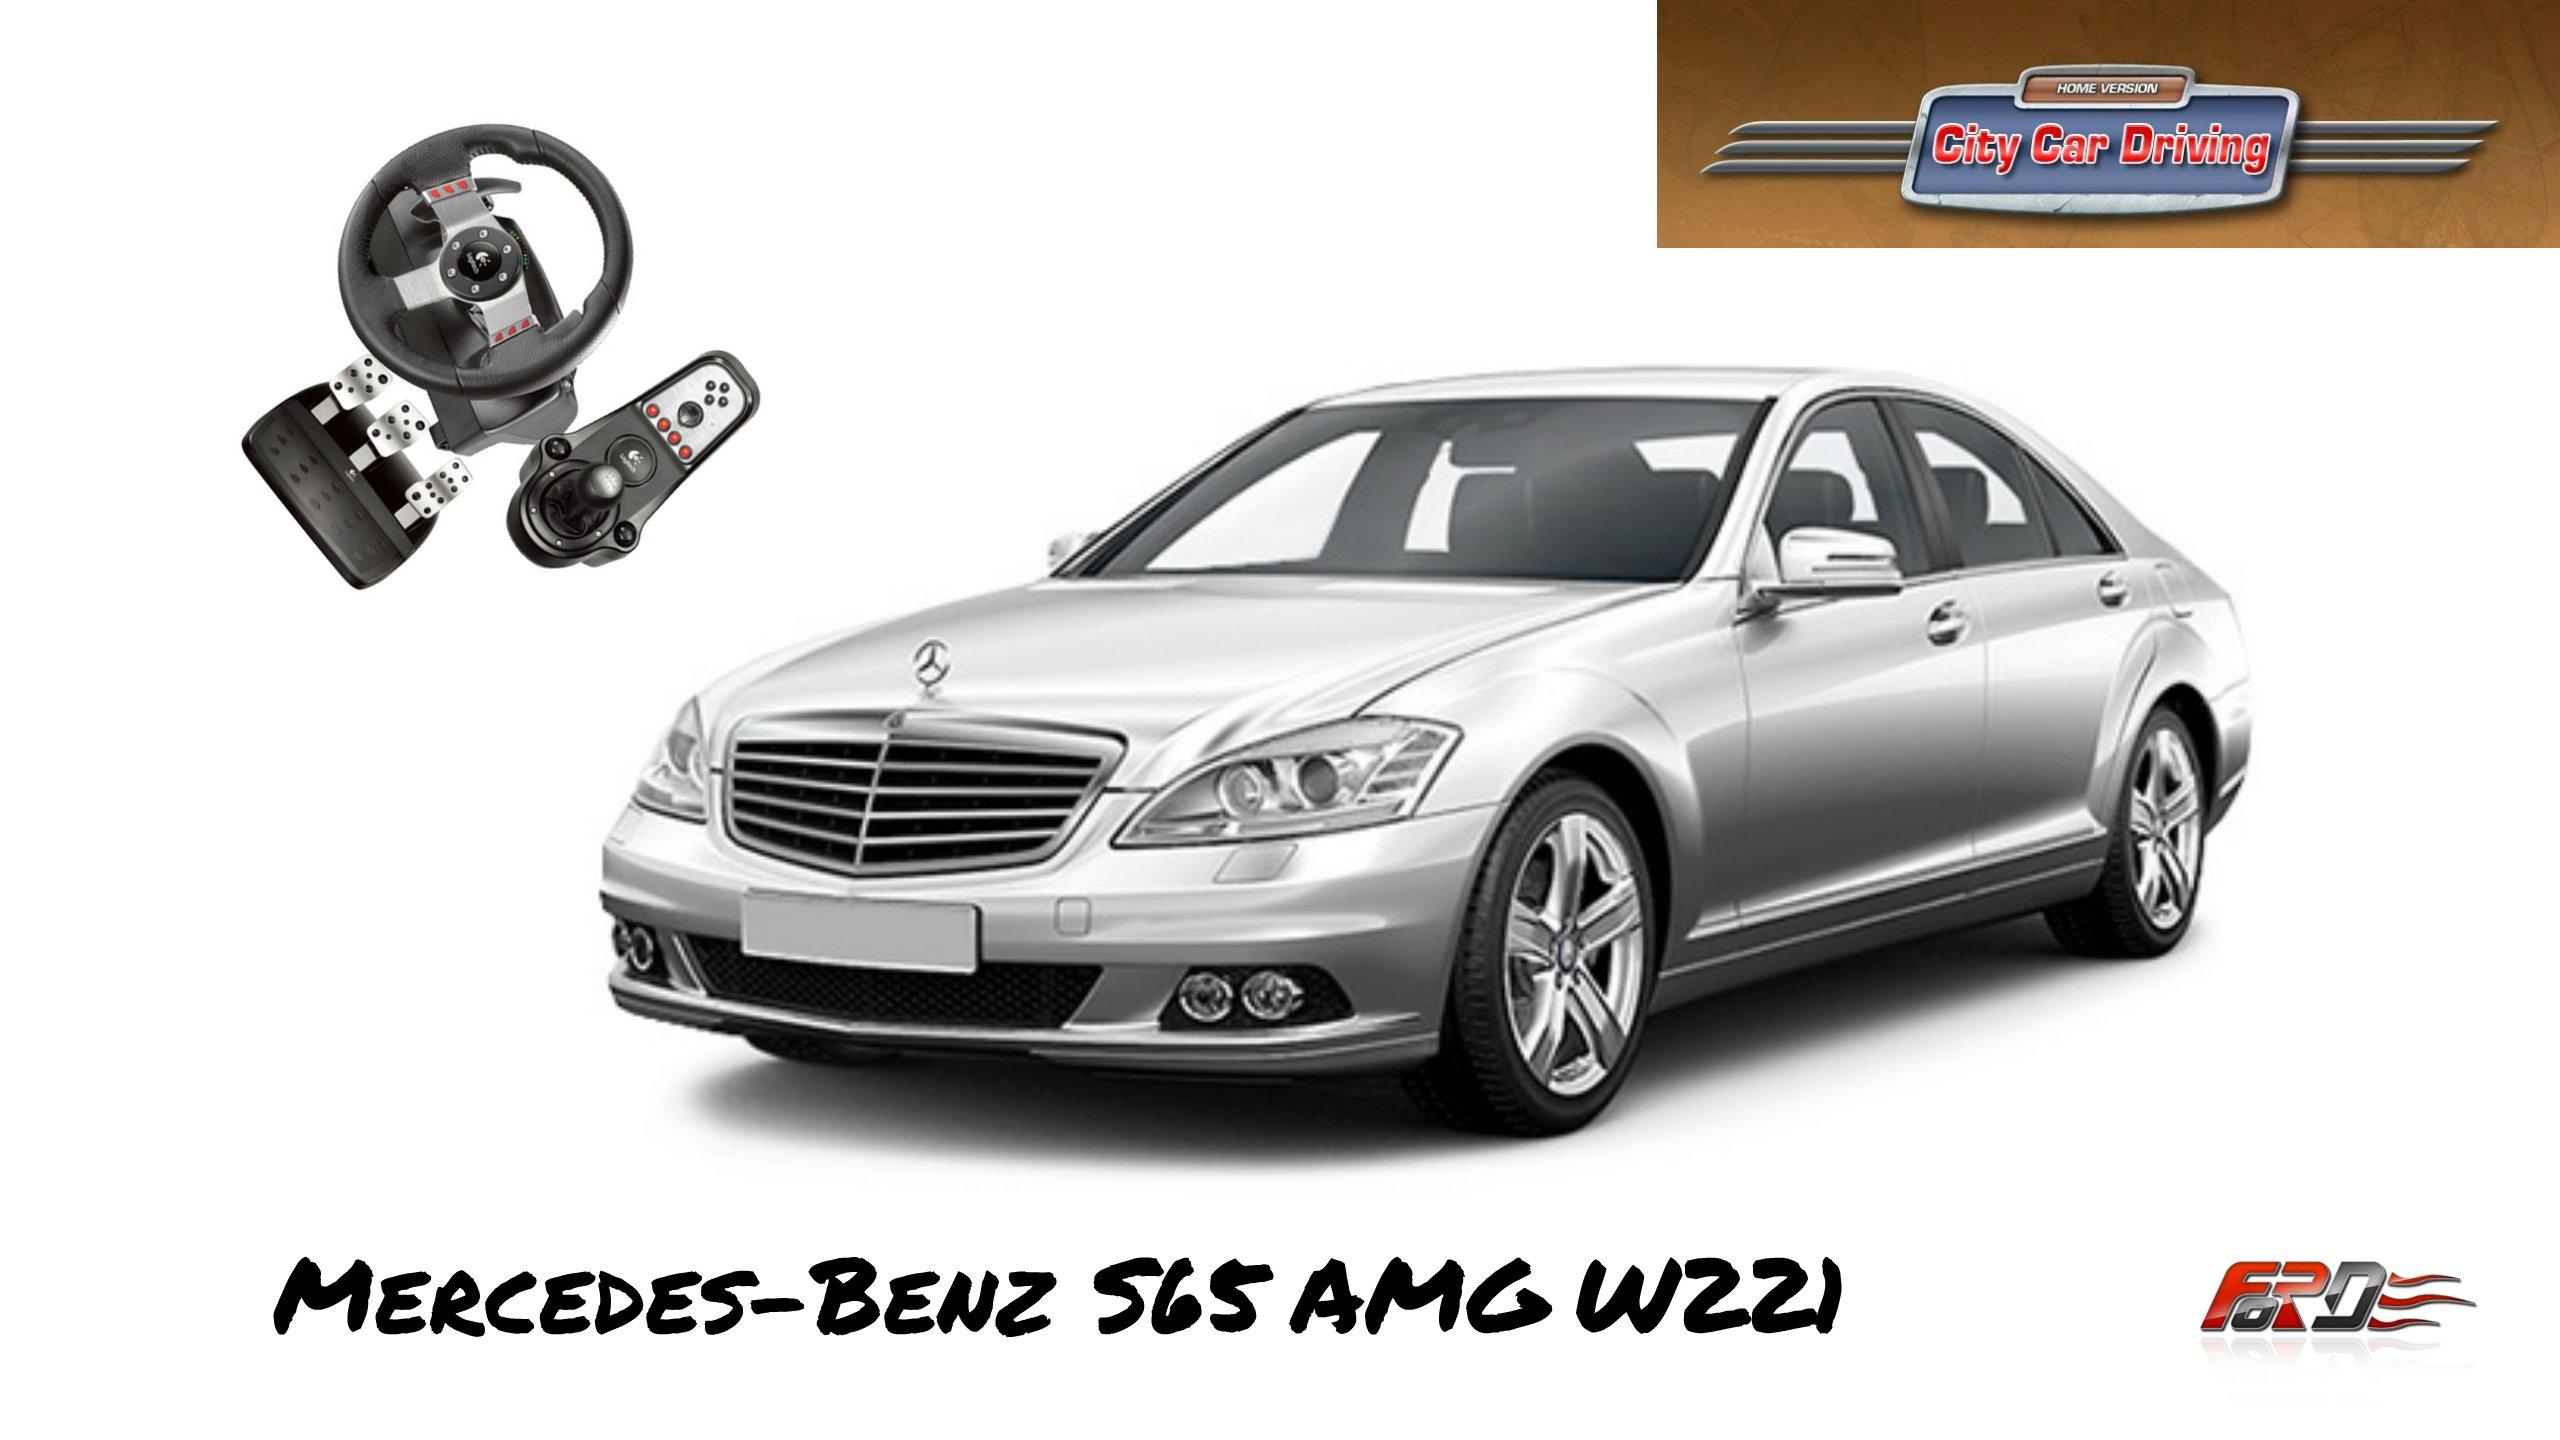 Mercedes-Benz S65 AMG W221 - тест-драйв представительского спортивного седана в City Car Driving - Изображение 1